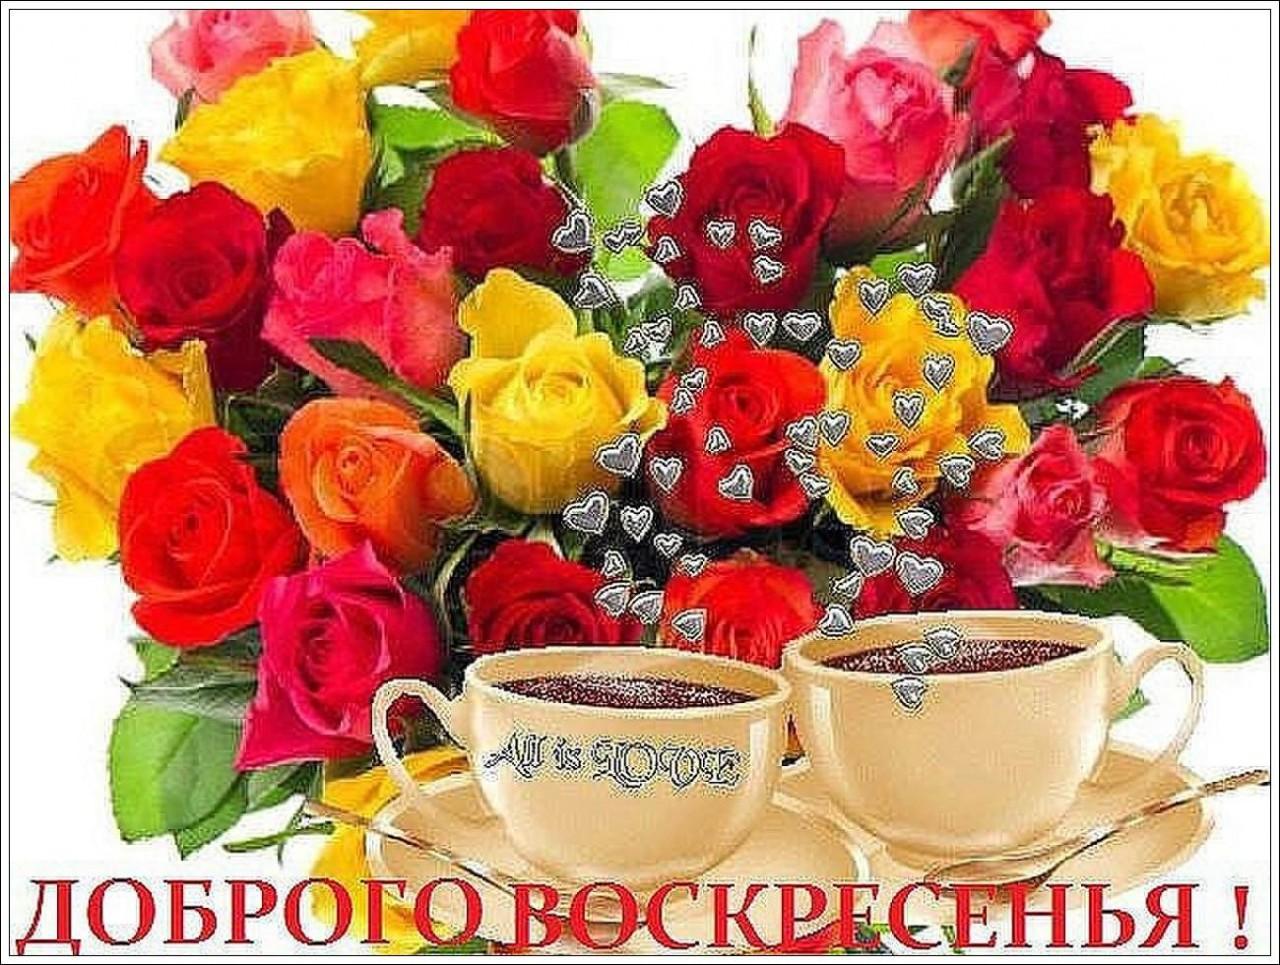 Открытки доброе утро хорошего дня и прекрасного настроения воскресного